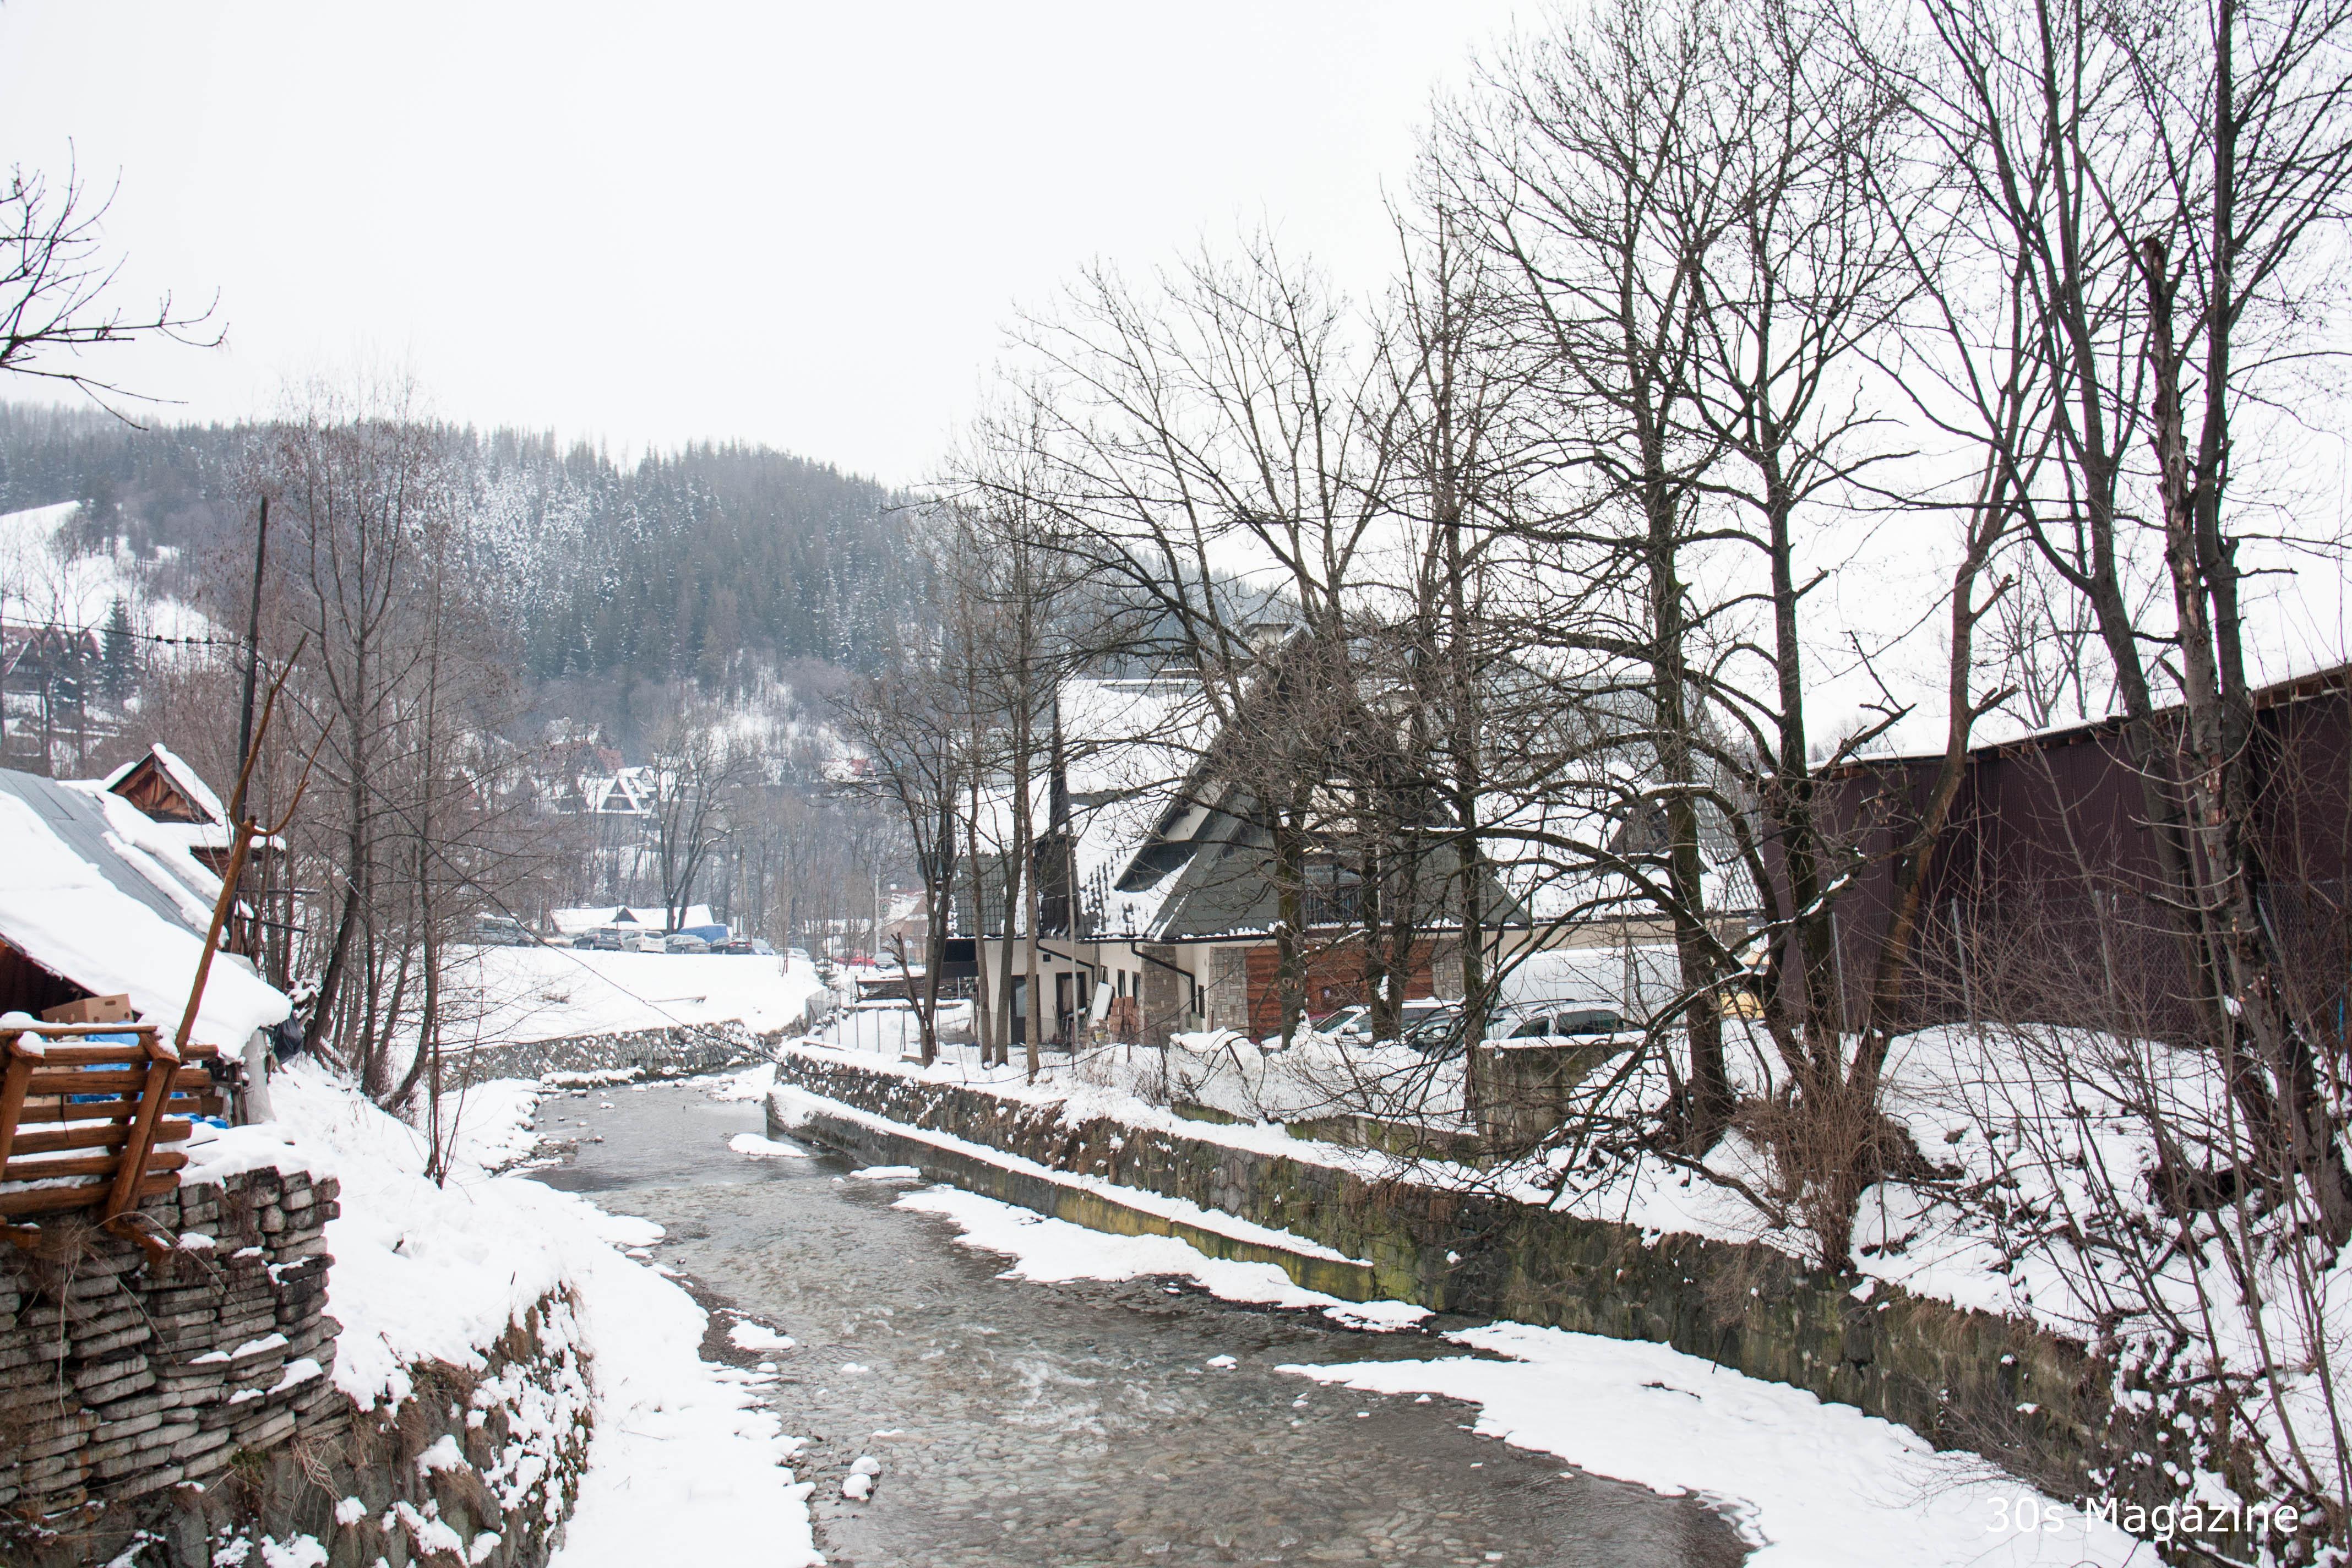 30s Magazine A Short Snow Break In Zakopane Poland